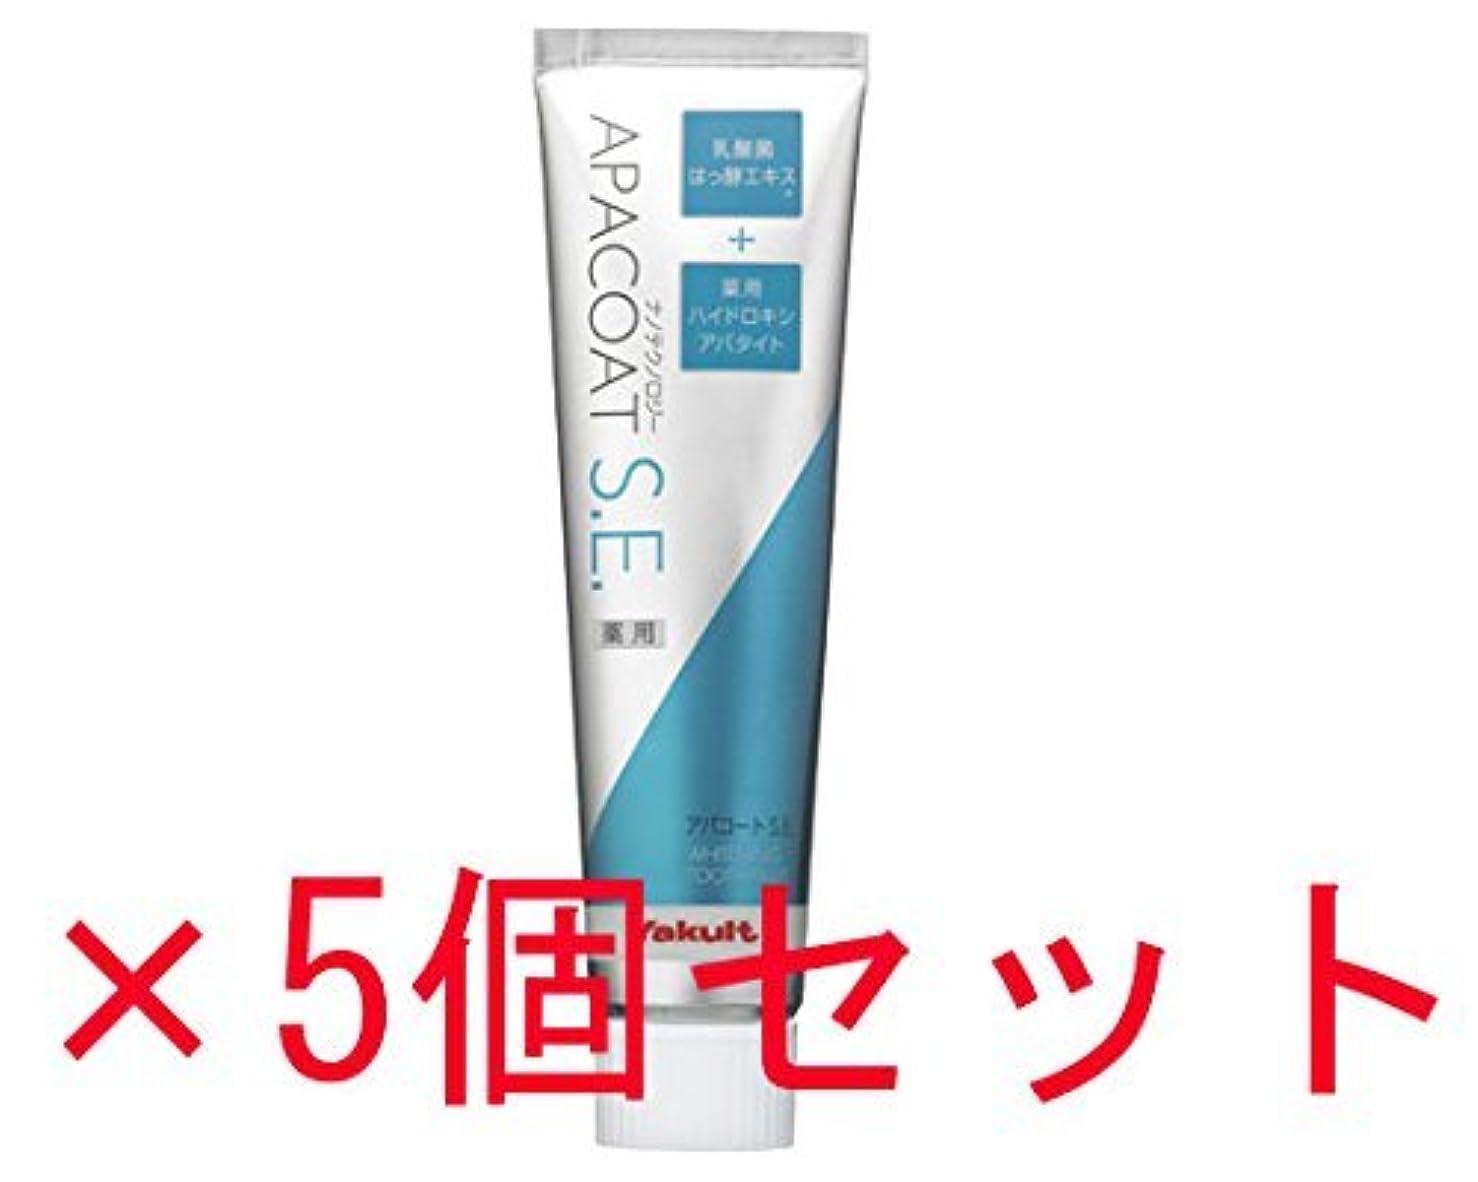 アプライアンス微視的誤ってヤクルト化粧品 薬用 アパコートS.E. (ナノテクノロジー) 120g 5個セット